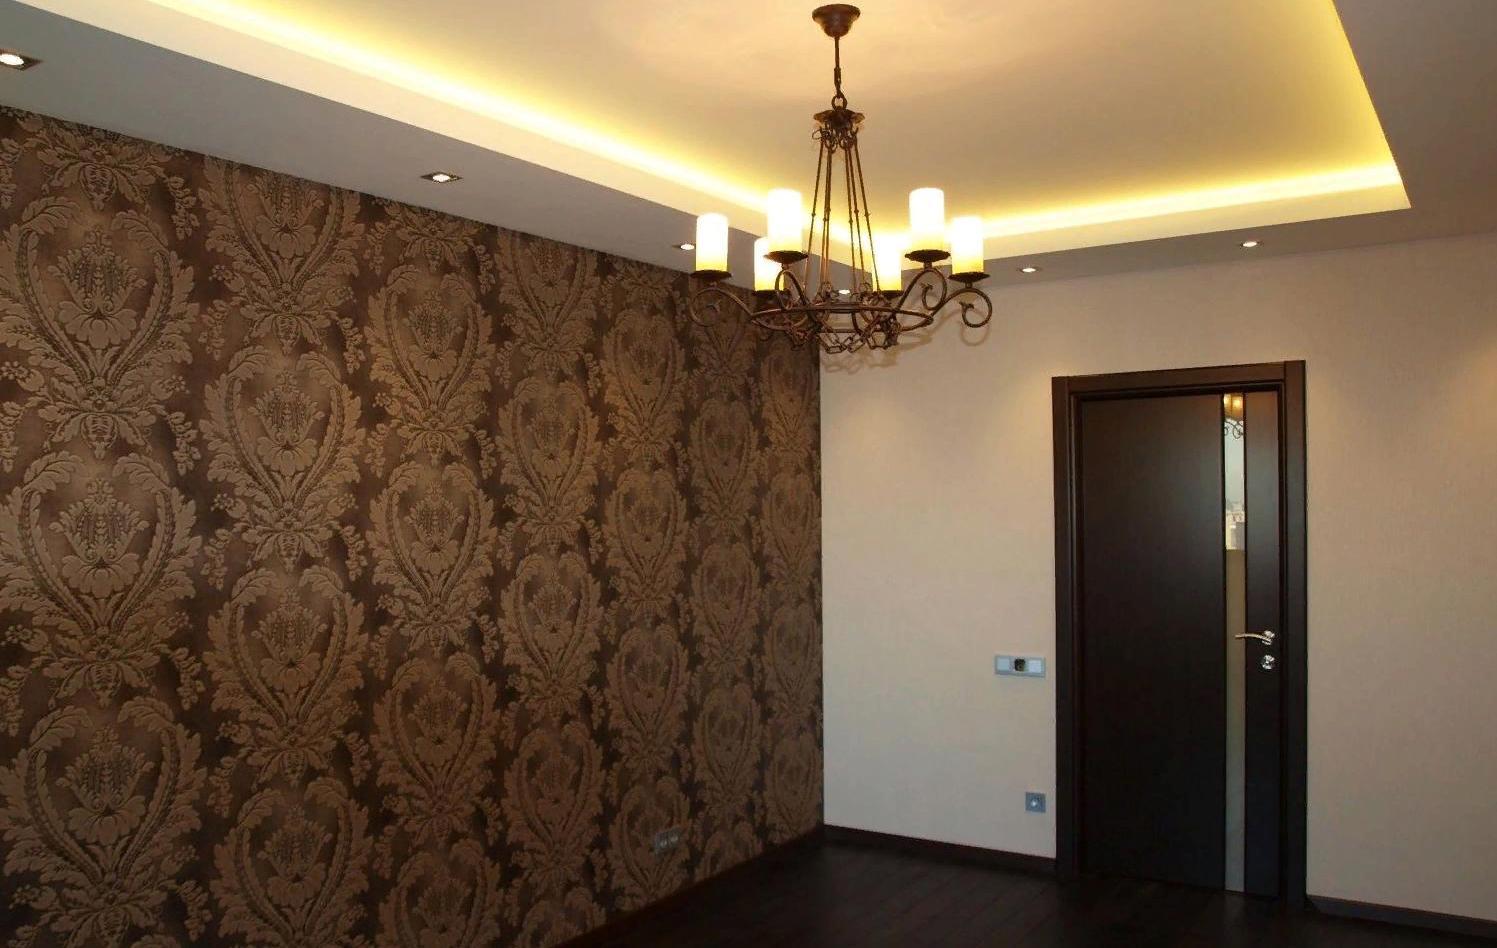 Приятная цена за ремонт квартир в Одессе от честной строительной компании stroyhouse.od.ua